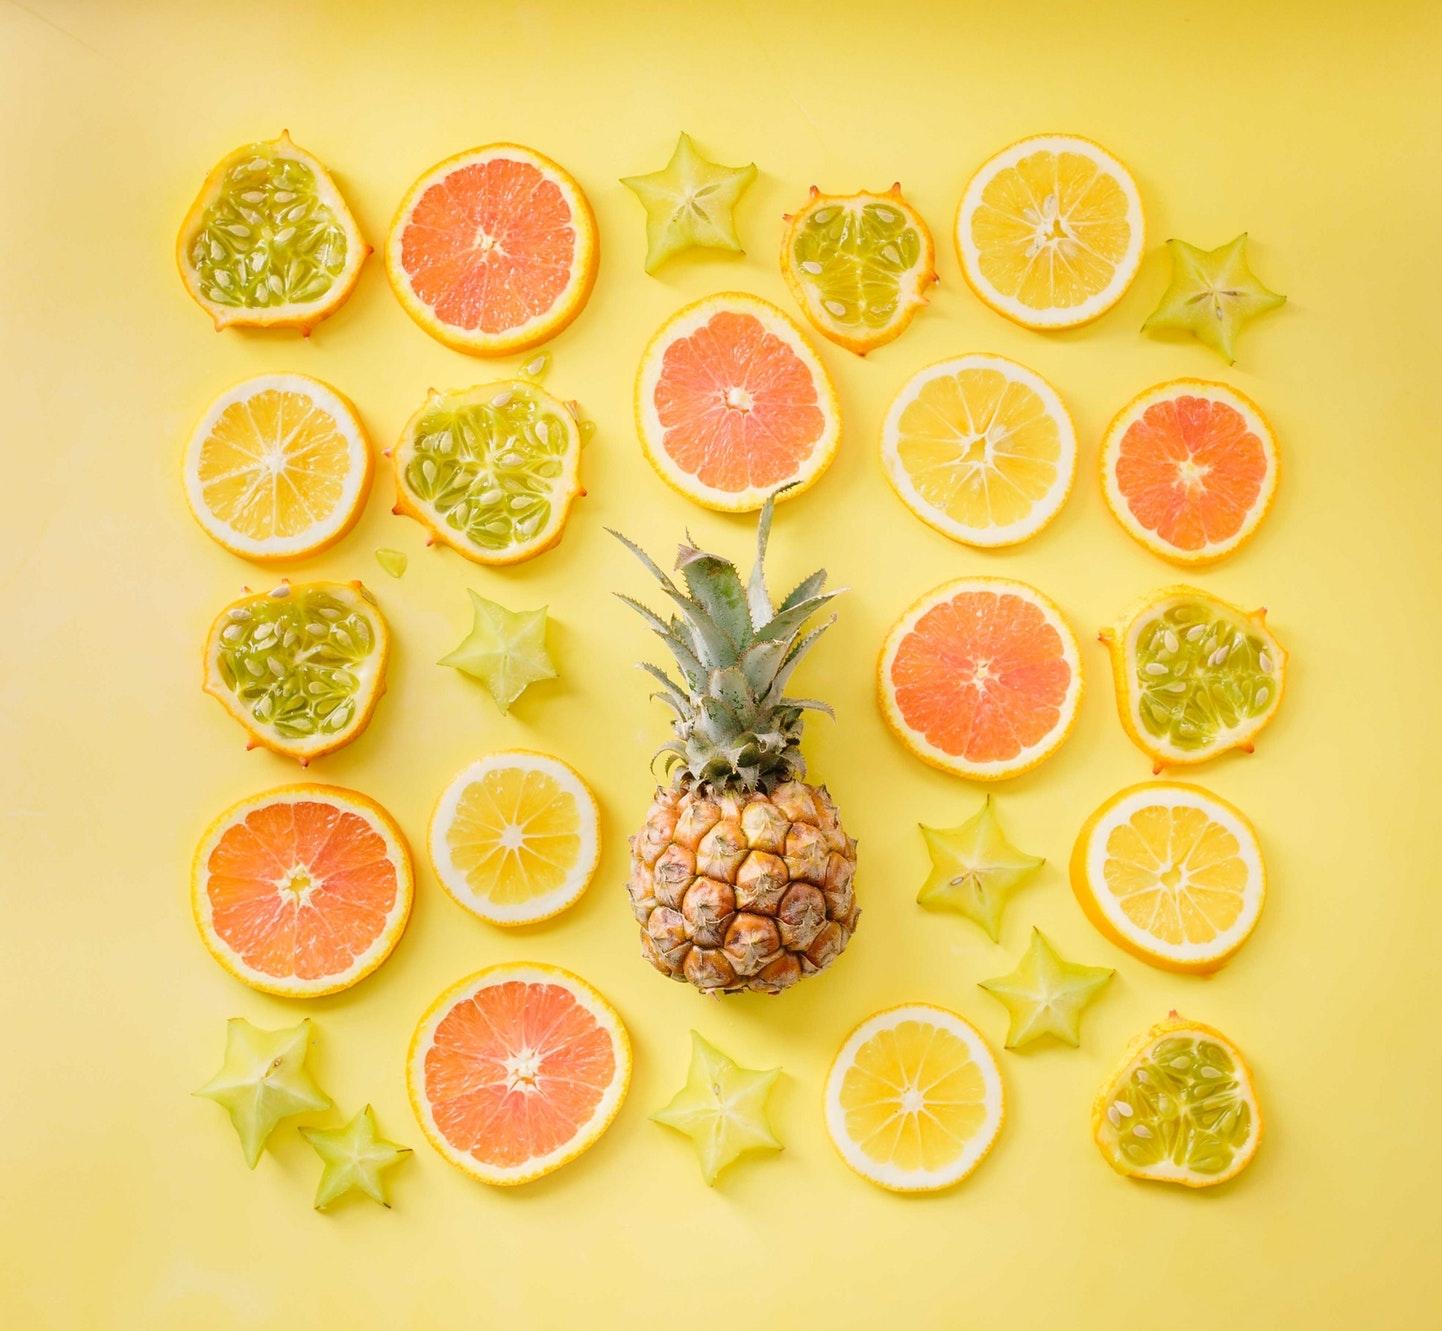 ③グレープフルーツの香りで気分転換